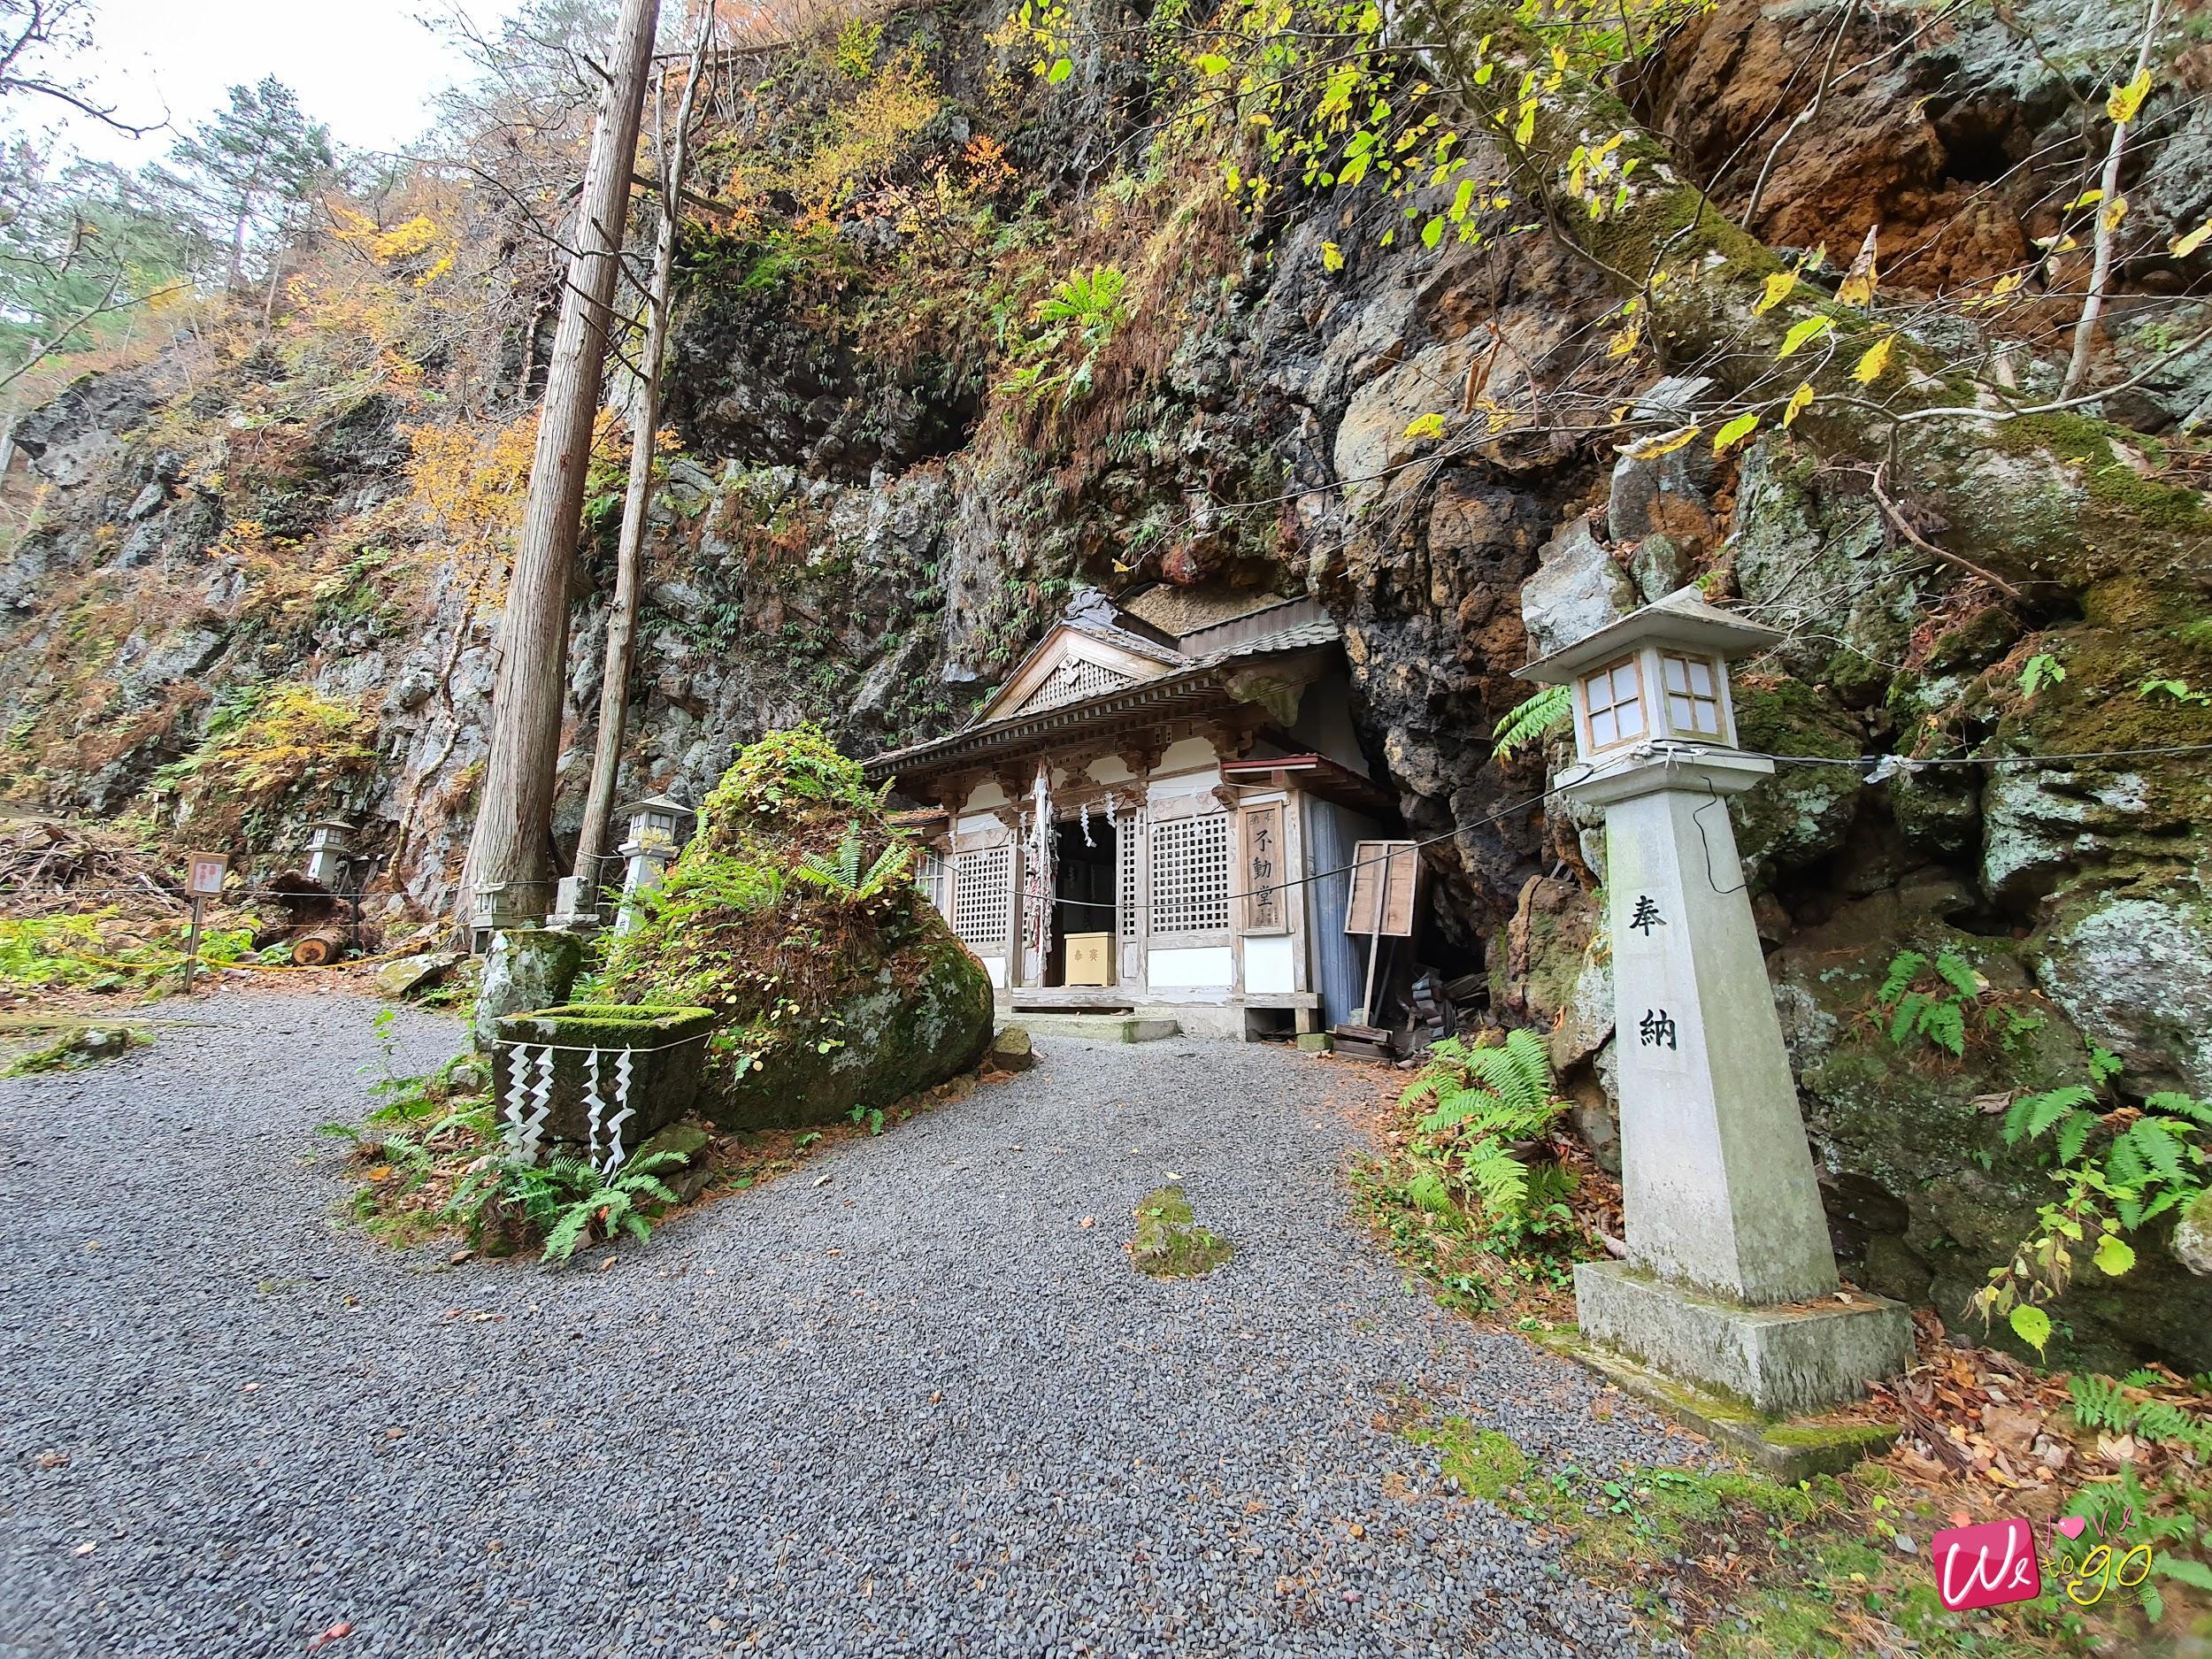 Hachimantai Iwate 11